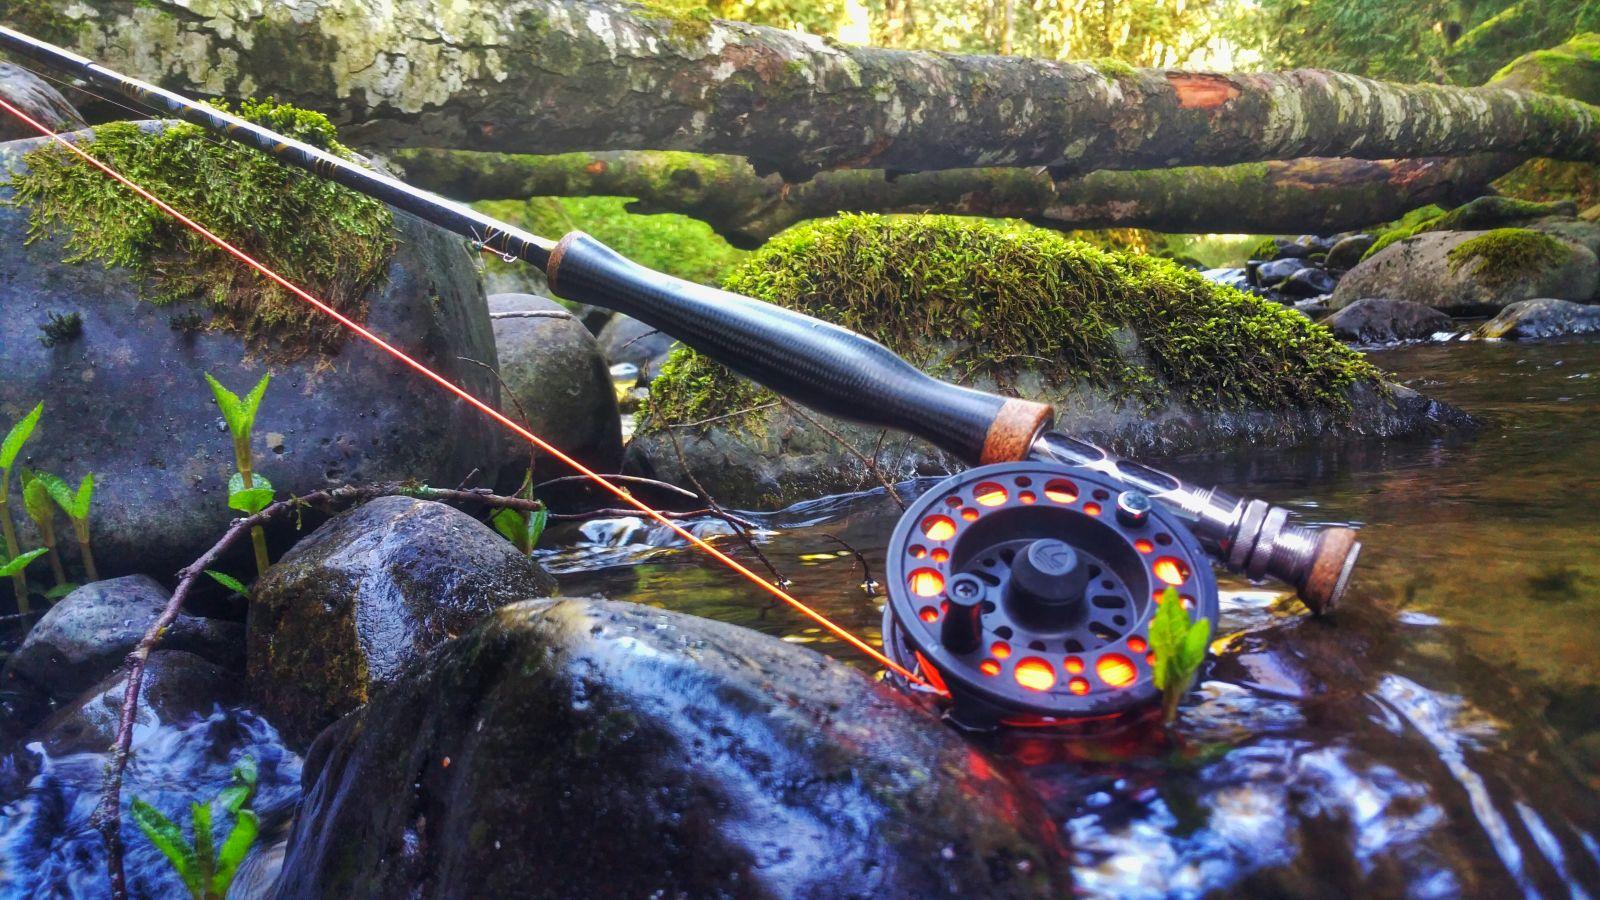 9'0 5wt 5pc Matrix Fly rod